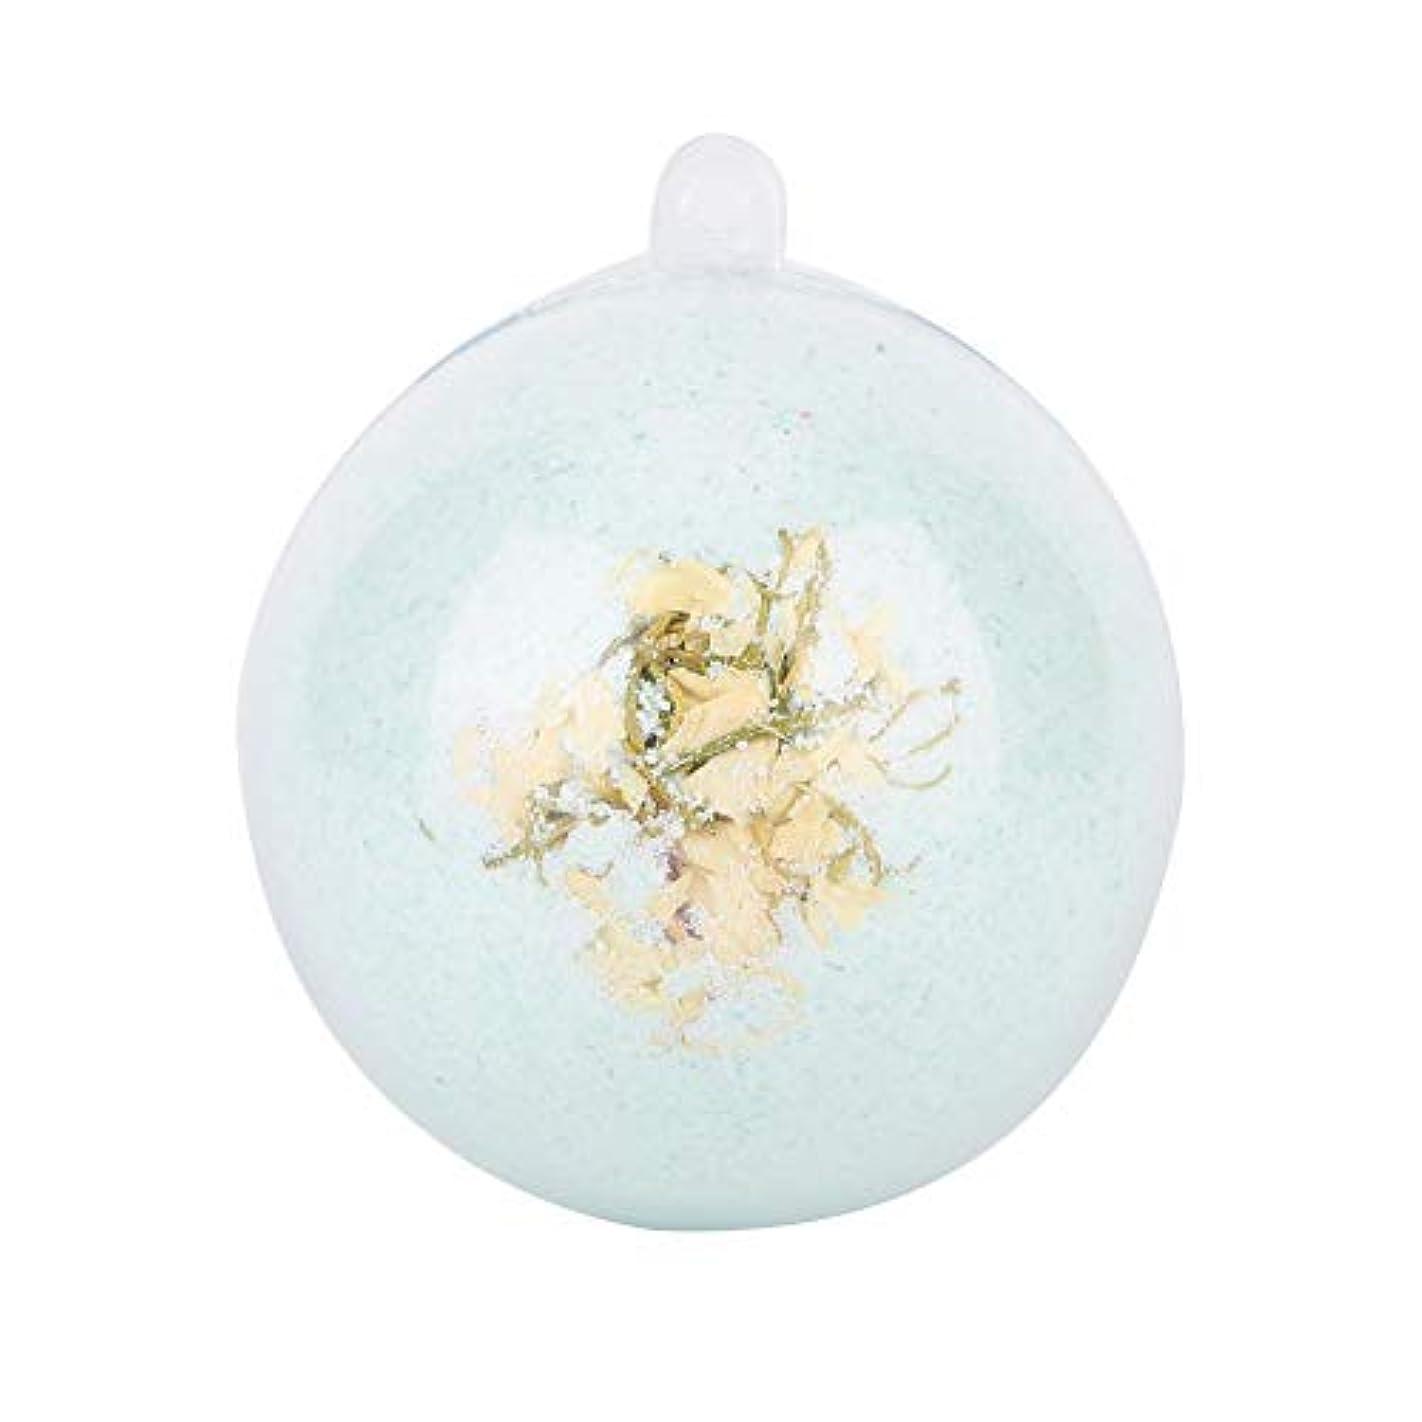 甘美な視聴者教育学dootiバスボム 6個セット 爆弾バスボール 入浴剤 プレゼント用 香り 入浴 風呂 お湯 優しい